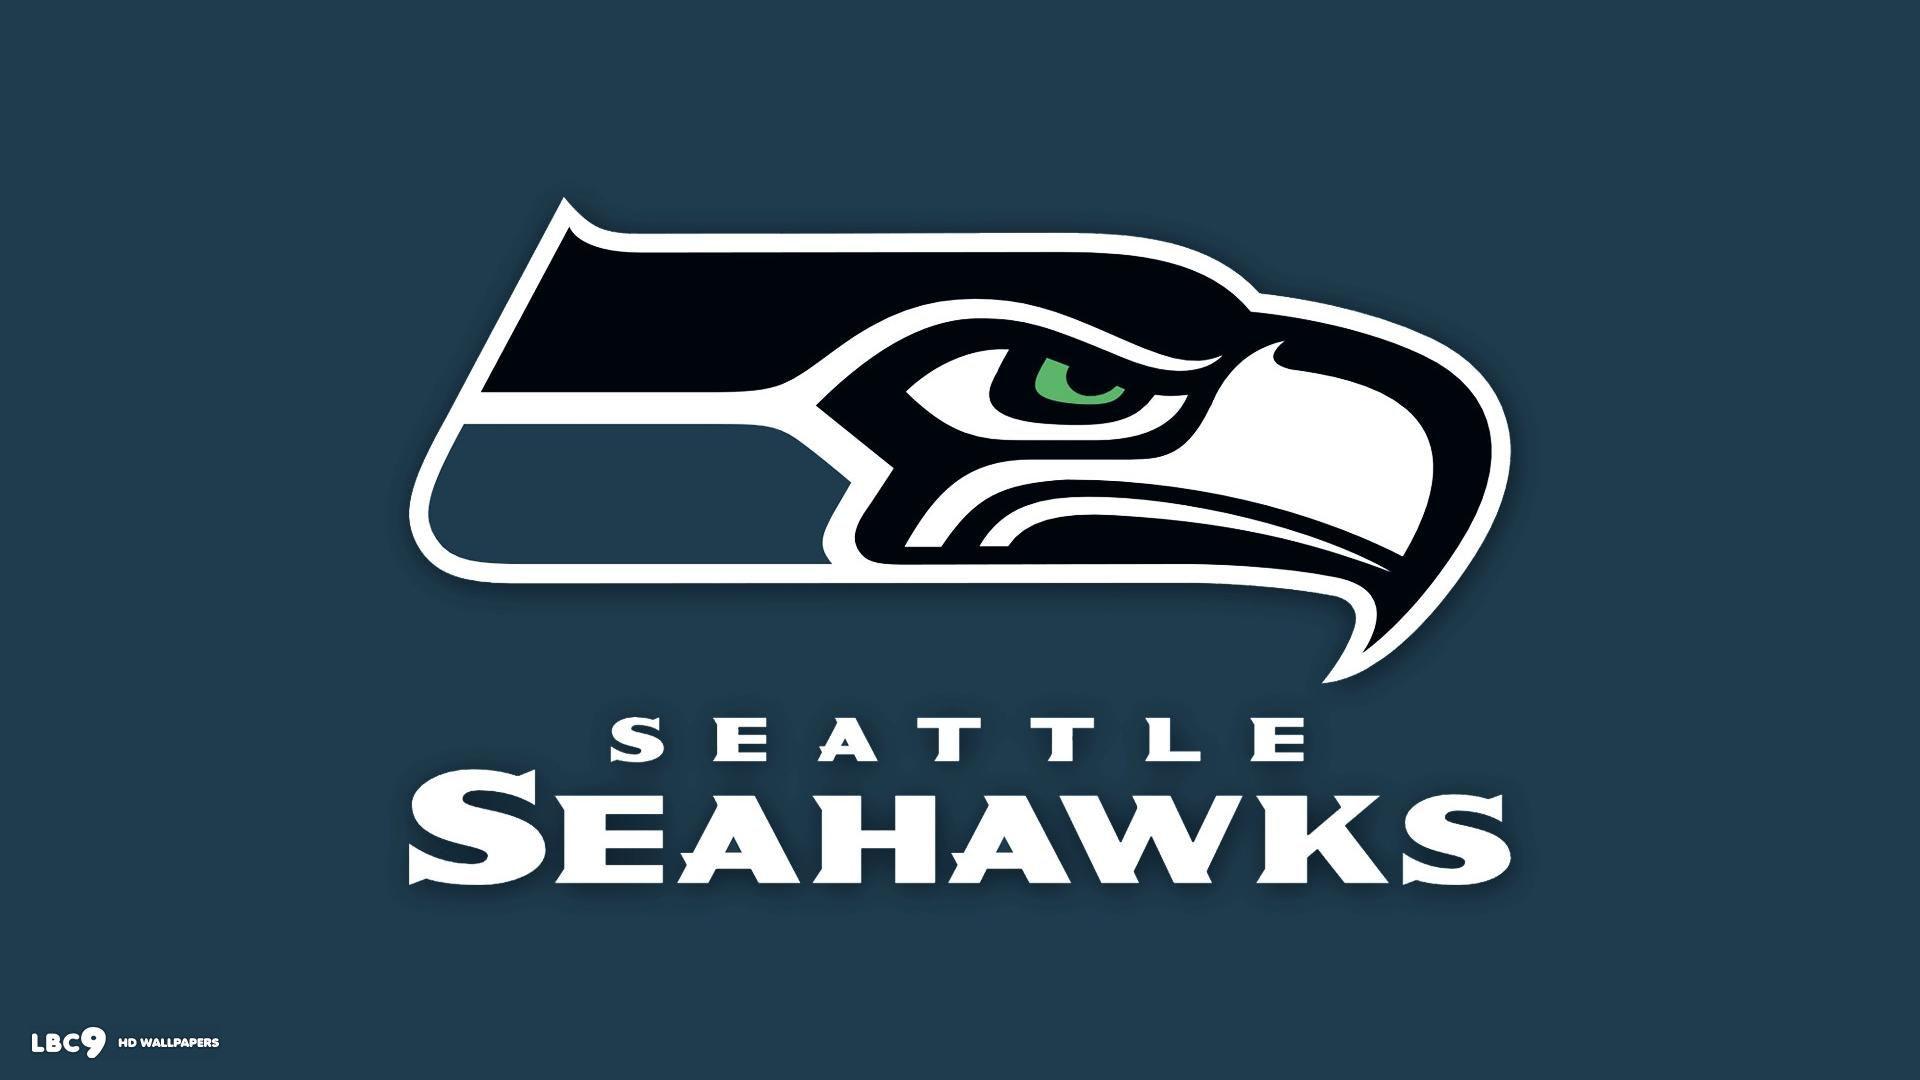 wallpaper seattle seahawks free download; seattle seahawks wallpaper 3 4  nfl teams hd backgrounds …